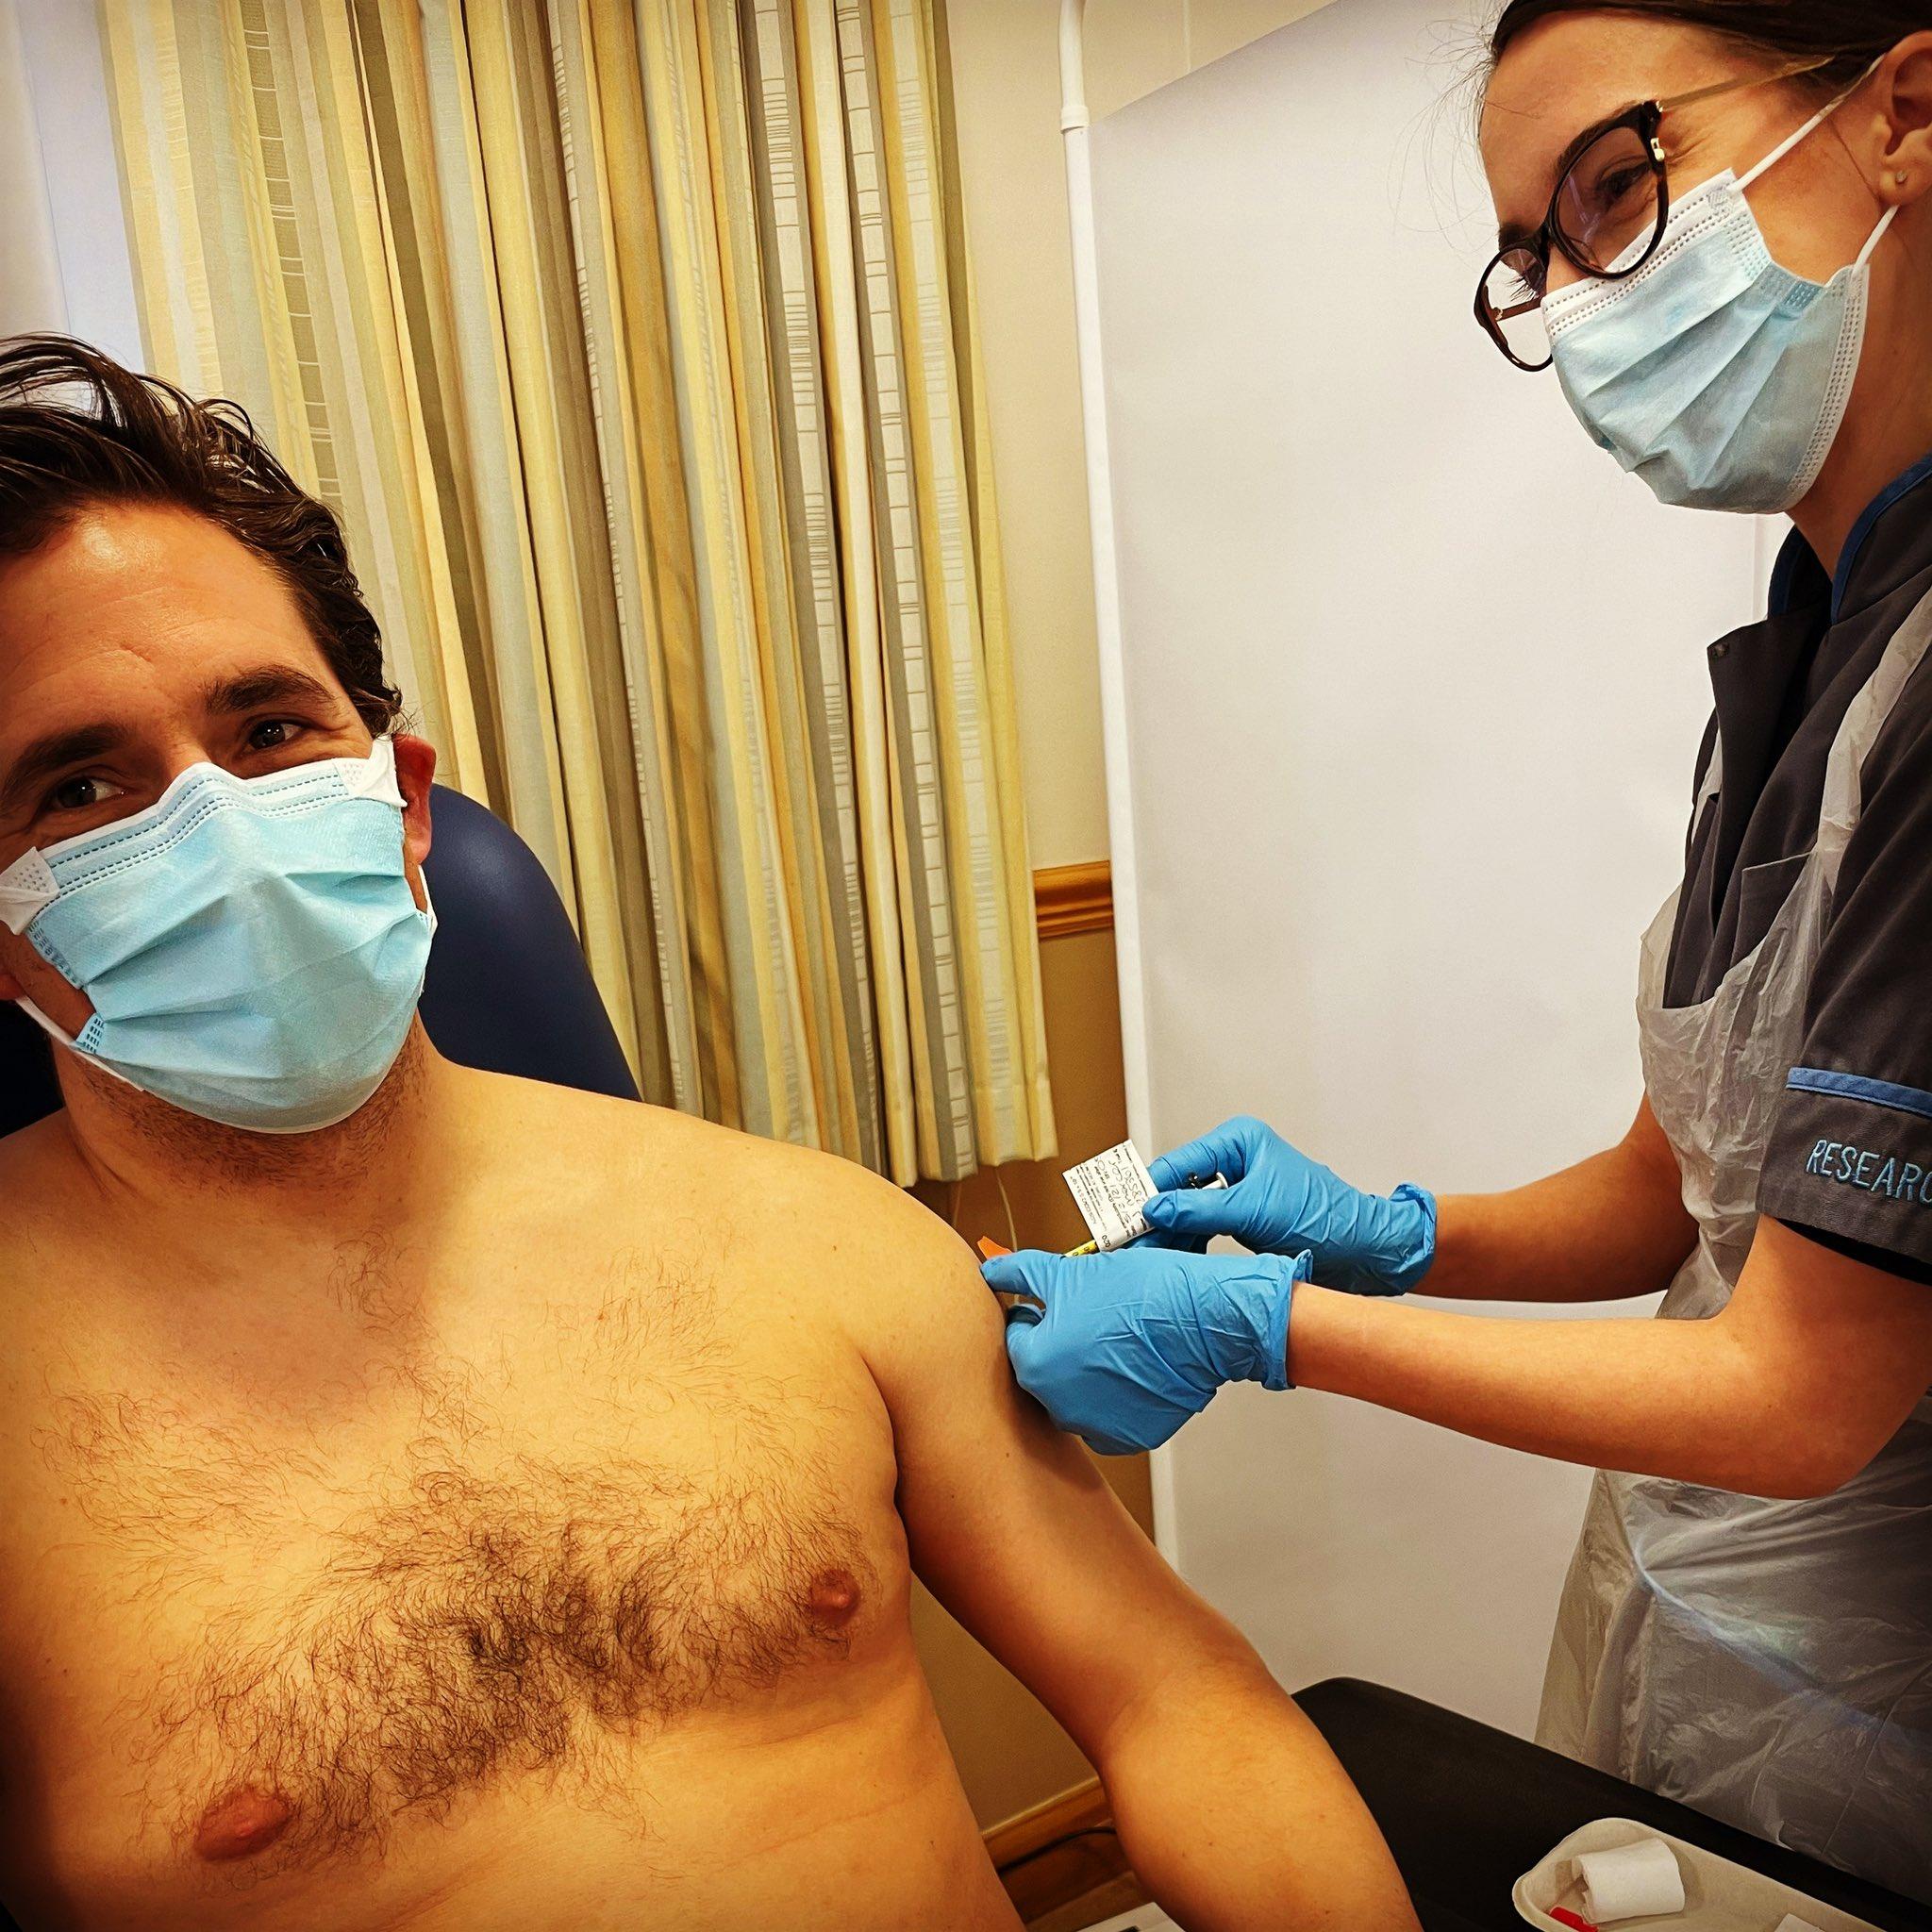 Imagem mostra o político britânico Johhny Mercer sem camisa tomando vacina contra a Covid-19